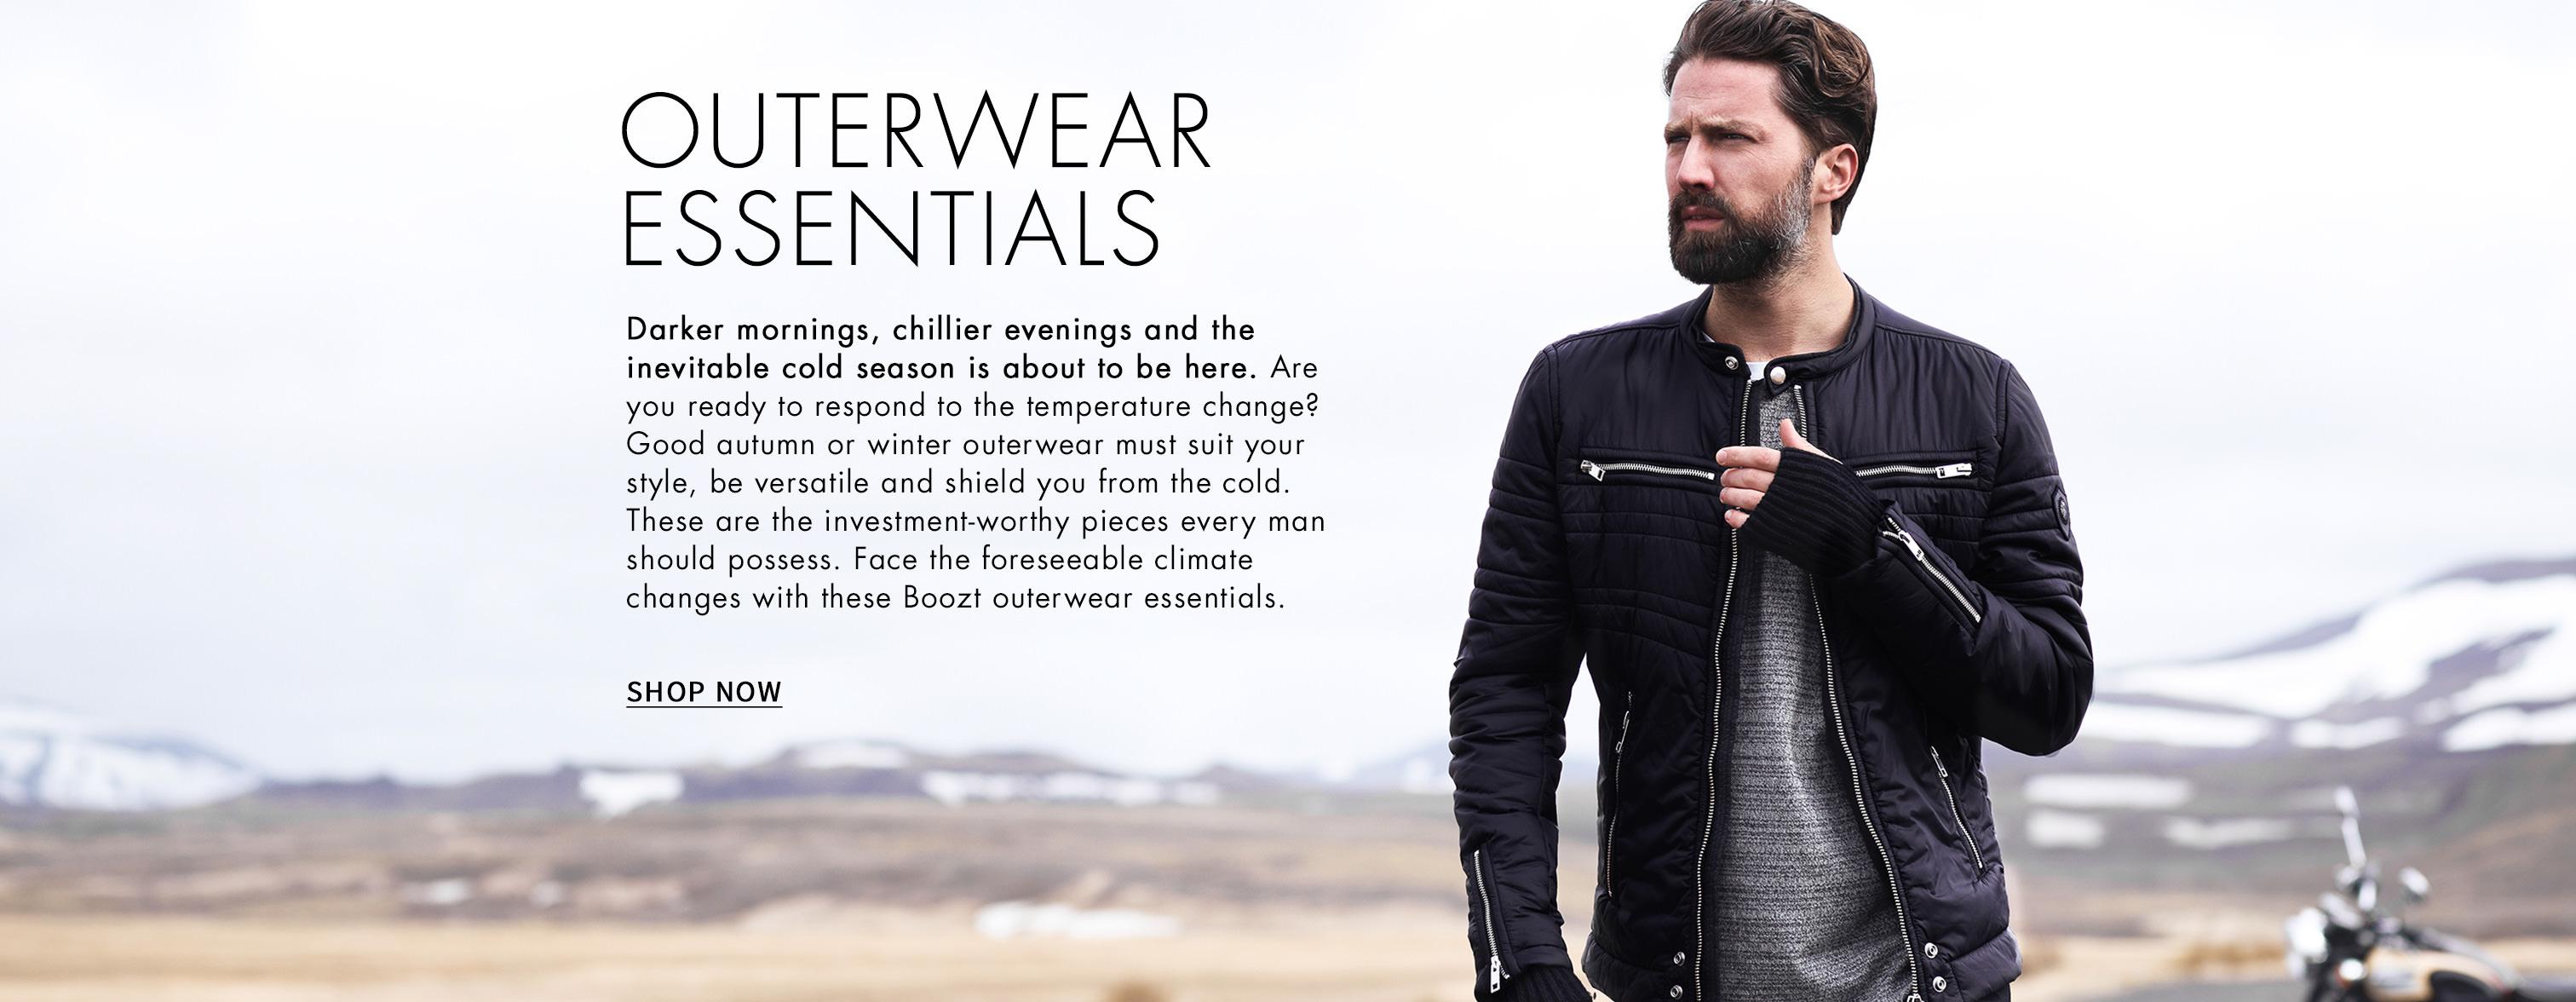 Outerwear_m_main